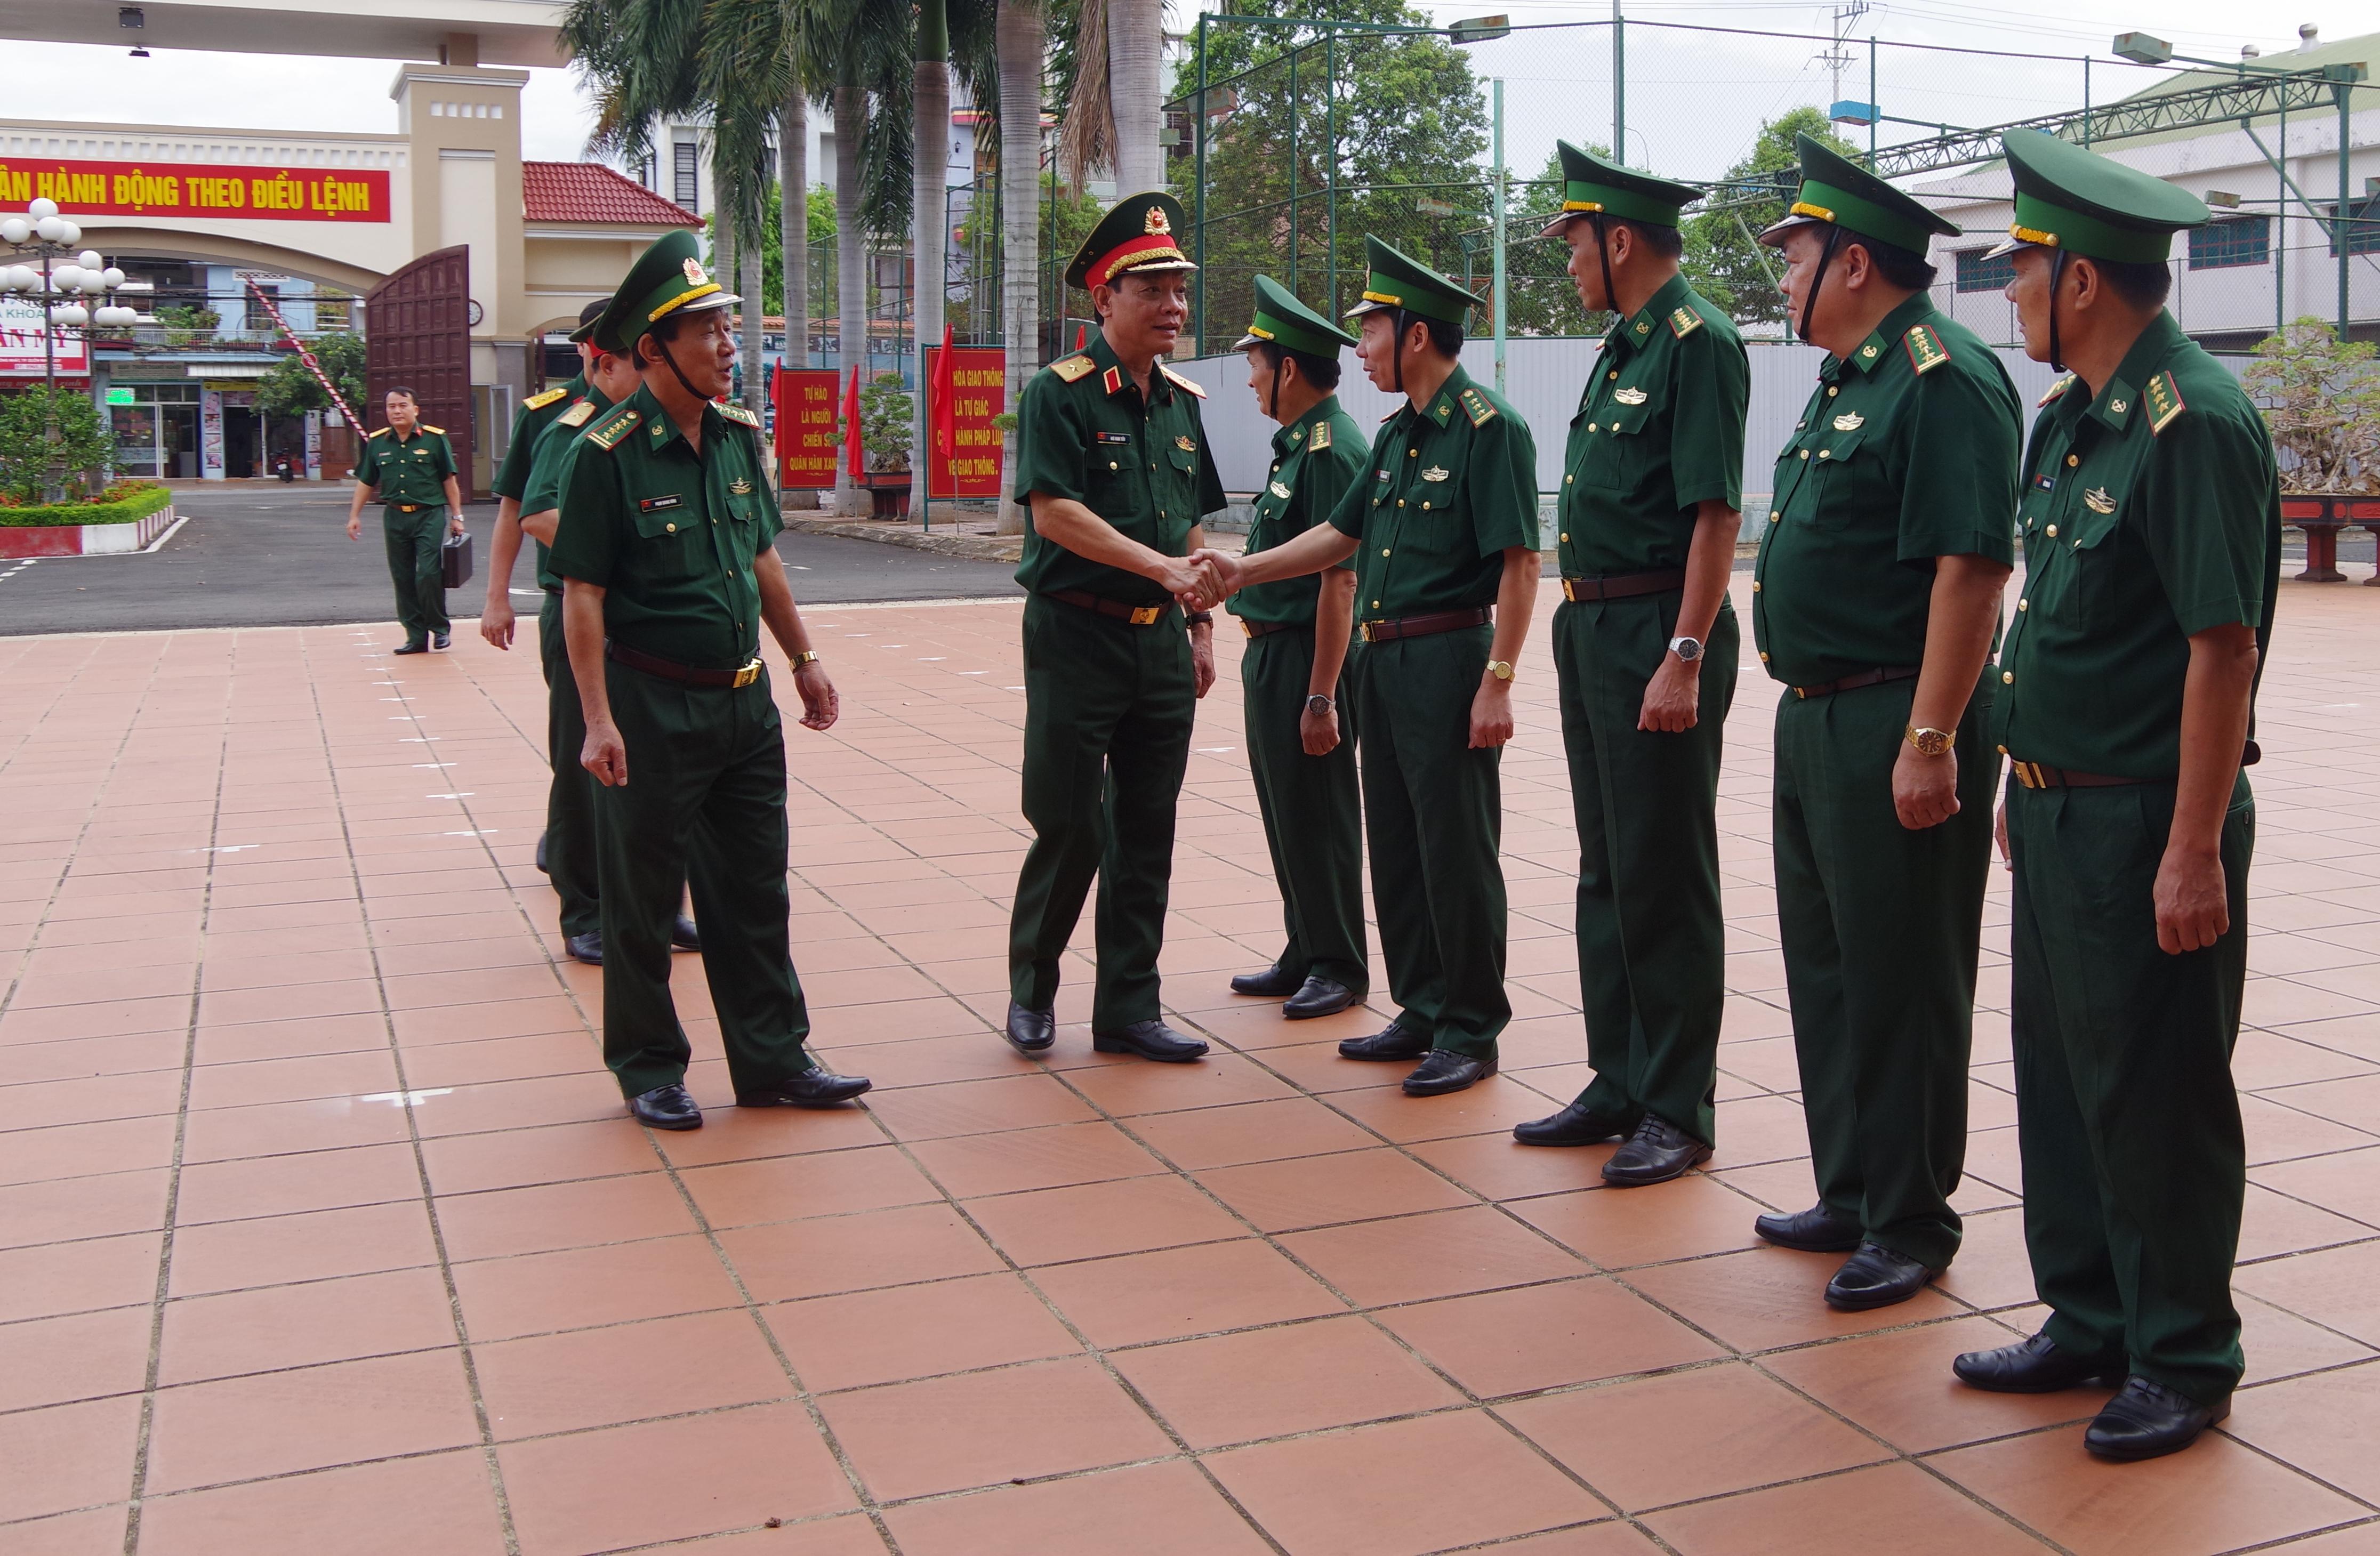 Bộ Tổng Tham mưu QĐND Việt Nam kiểm tra công tác quân sự, quốc phòng tại Bộ đội Biên phòng tỉnh Đắk Lắk